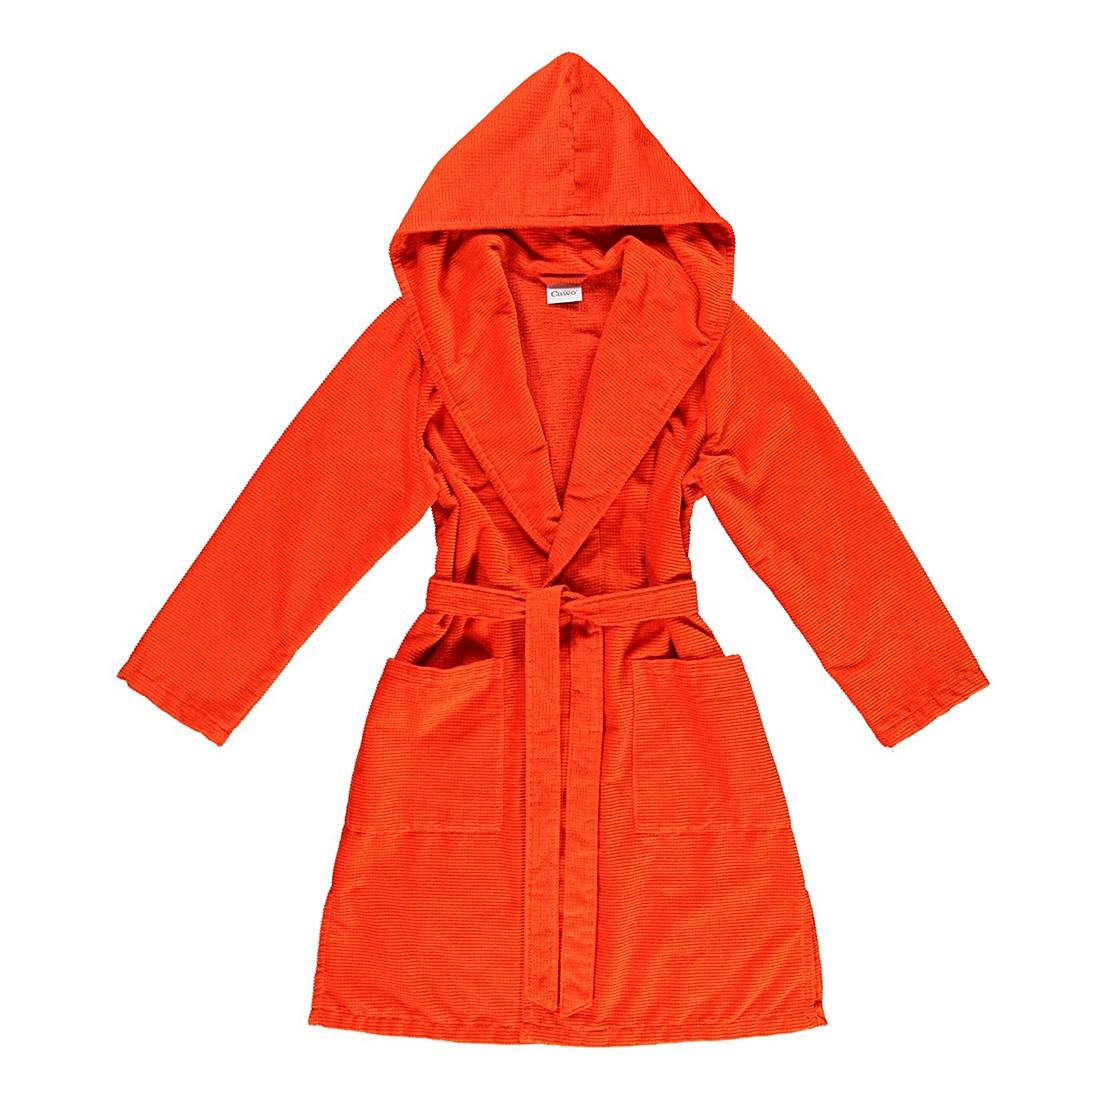 Bademantel 1307 – Damen – Velours – 100% Baumwolle Orange – 273 – Größe: M, Cawö kaufen